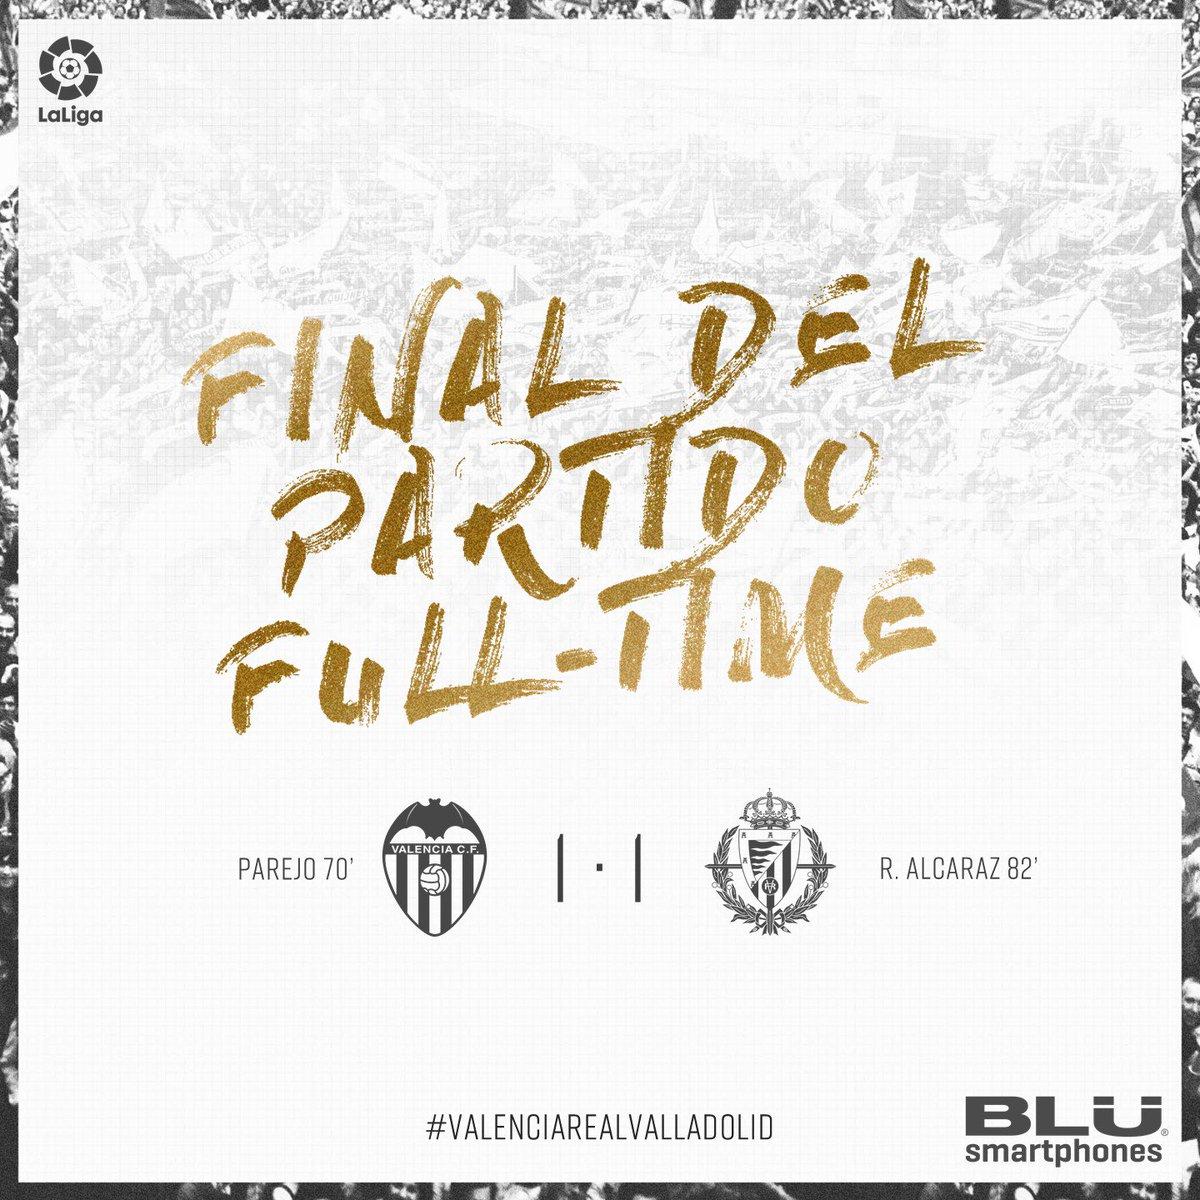 RT @valenciacf: FINAL DEL PARTIDO 1-1 ⚽ |   #ValenciaRealValladolid https://t.co/1iRwYAOkPK